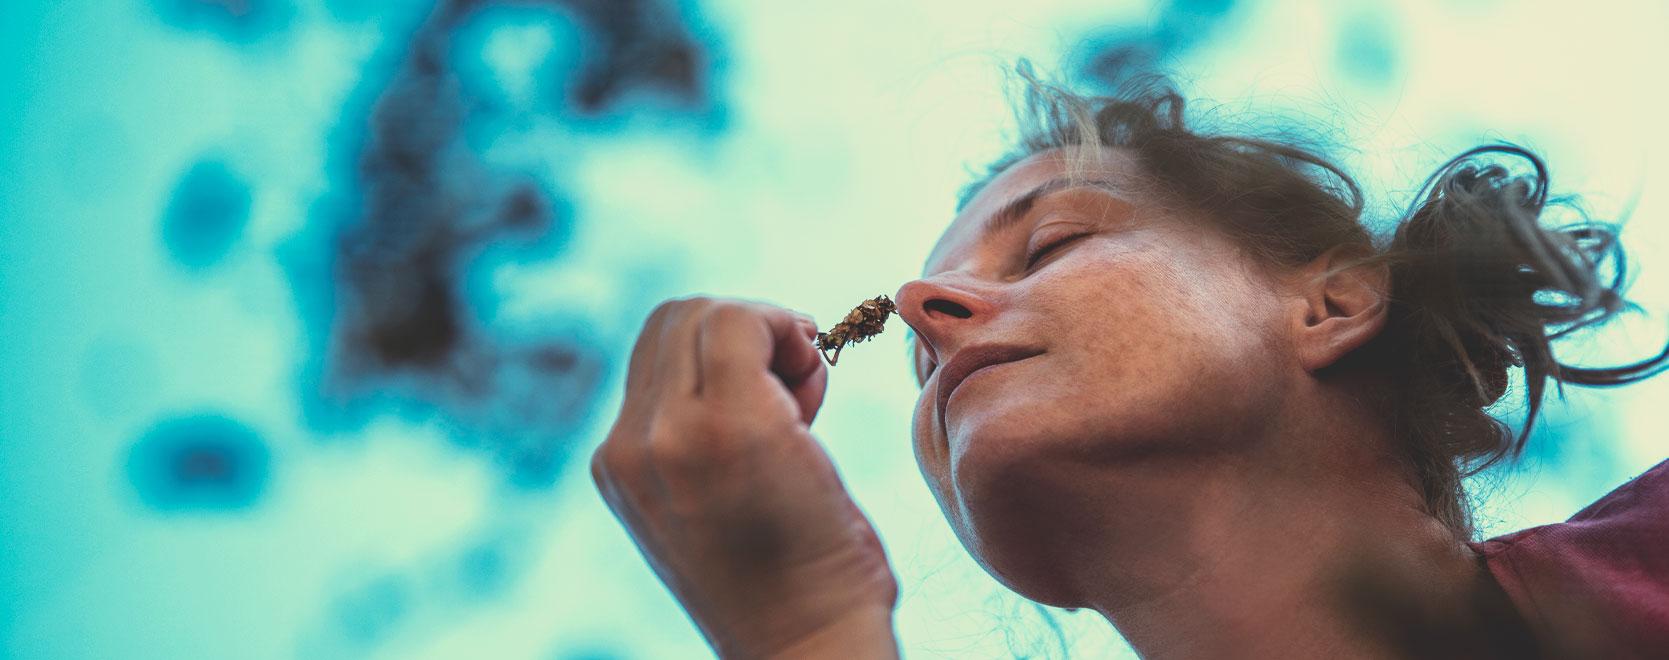 La cannabis può aiutare le persone ad affrontare l'ansia, lo stress, a perdere peso e a smettere di bere alcolici?